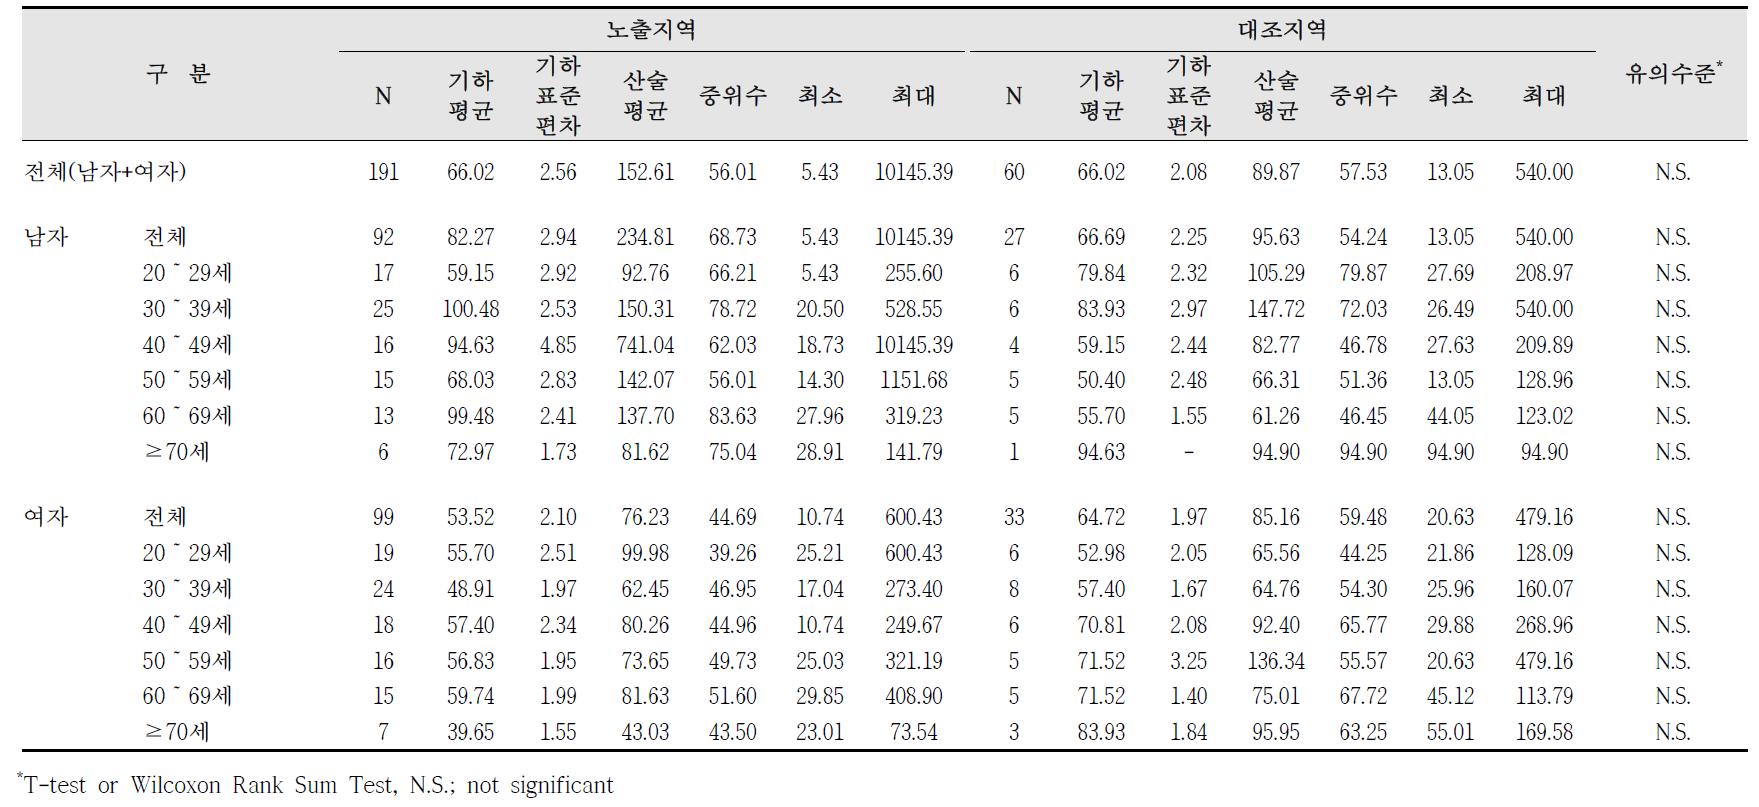 청주산업단지 요중 o-MHA 농도 비교